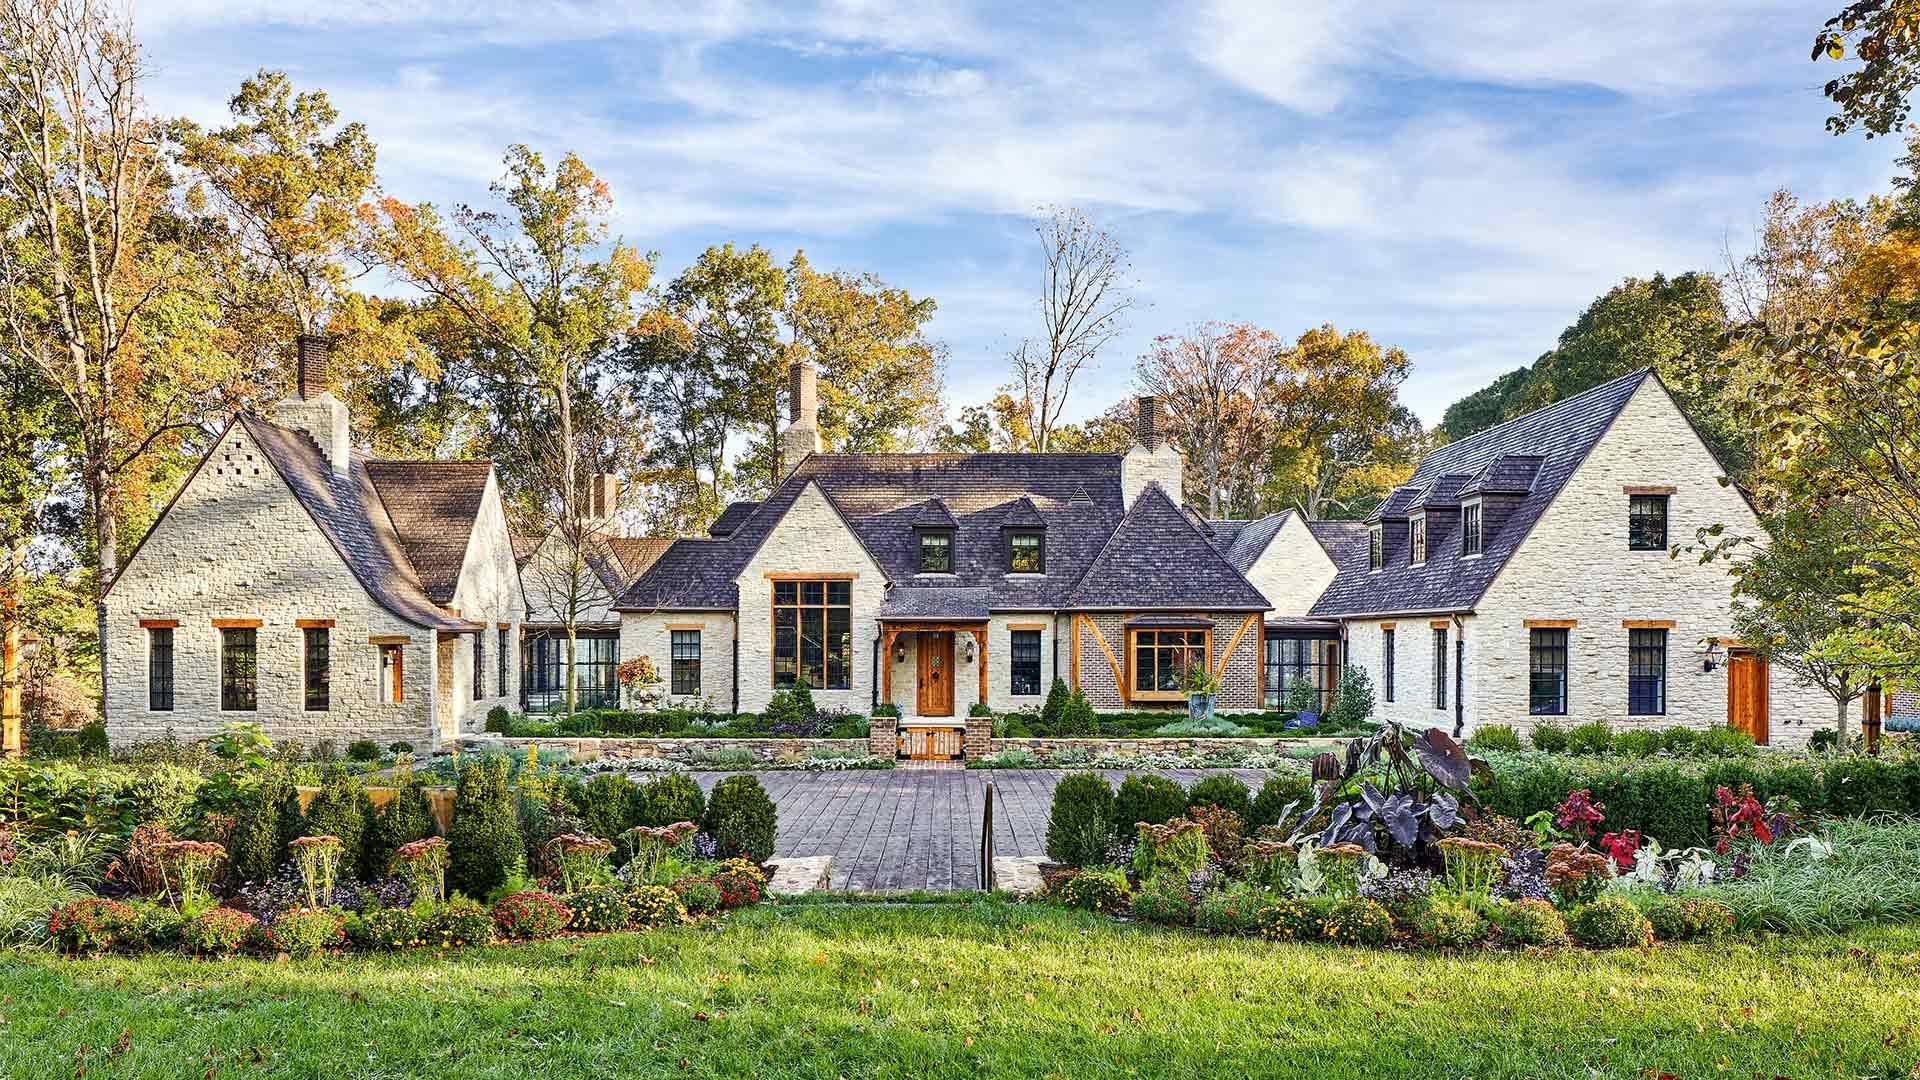 Virginia Residence 1